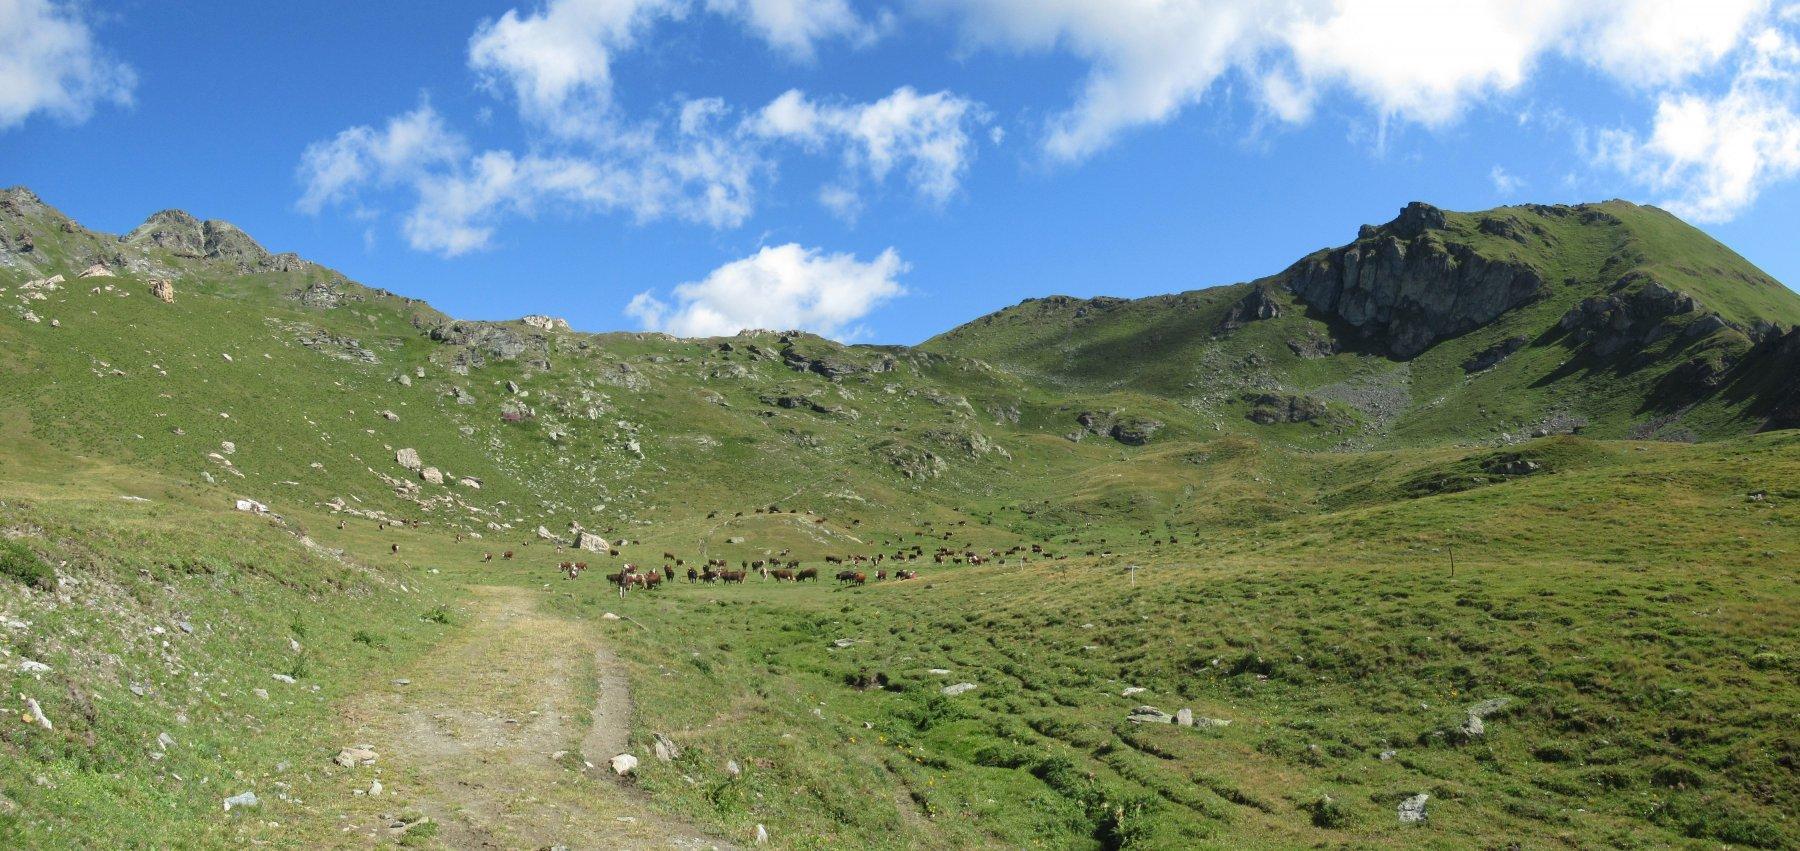 Mucche al pascolo e sulla destra la ns meta